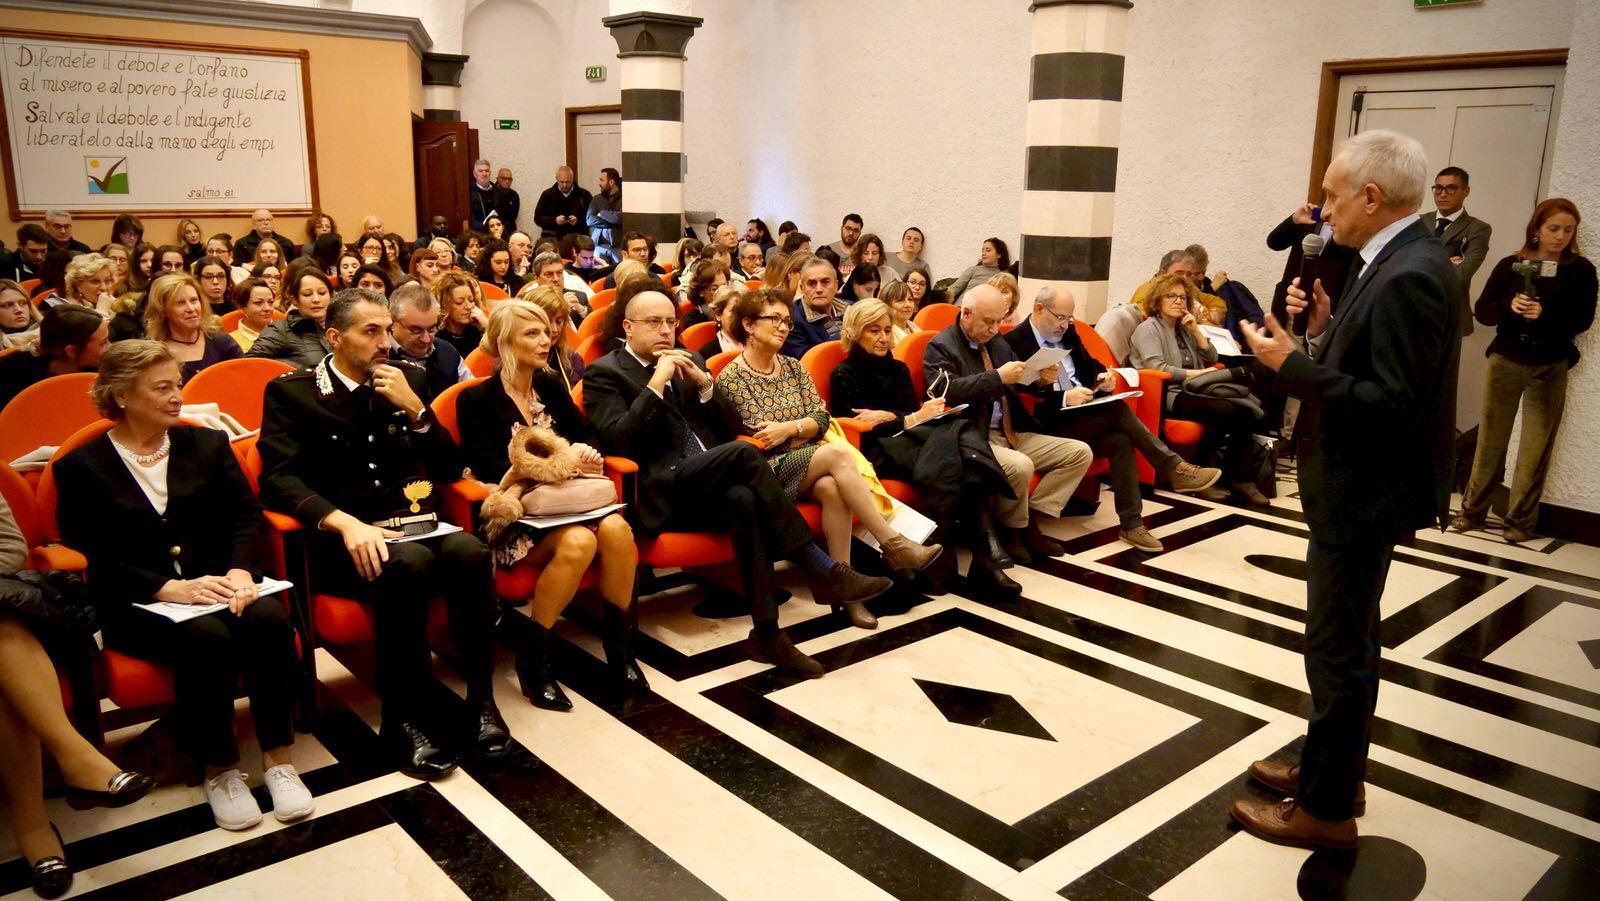 Convegno 20° anniversario Centro Benedetto Acquarone 2019.11.29 02